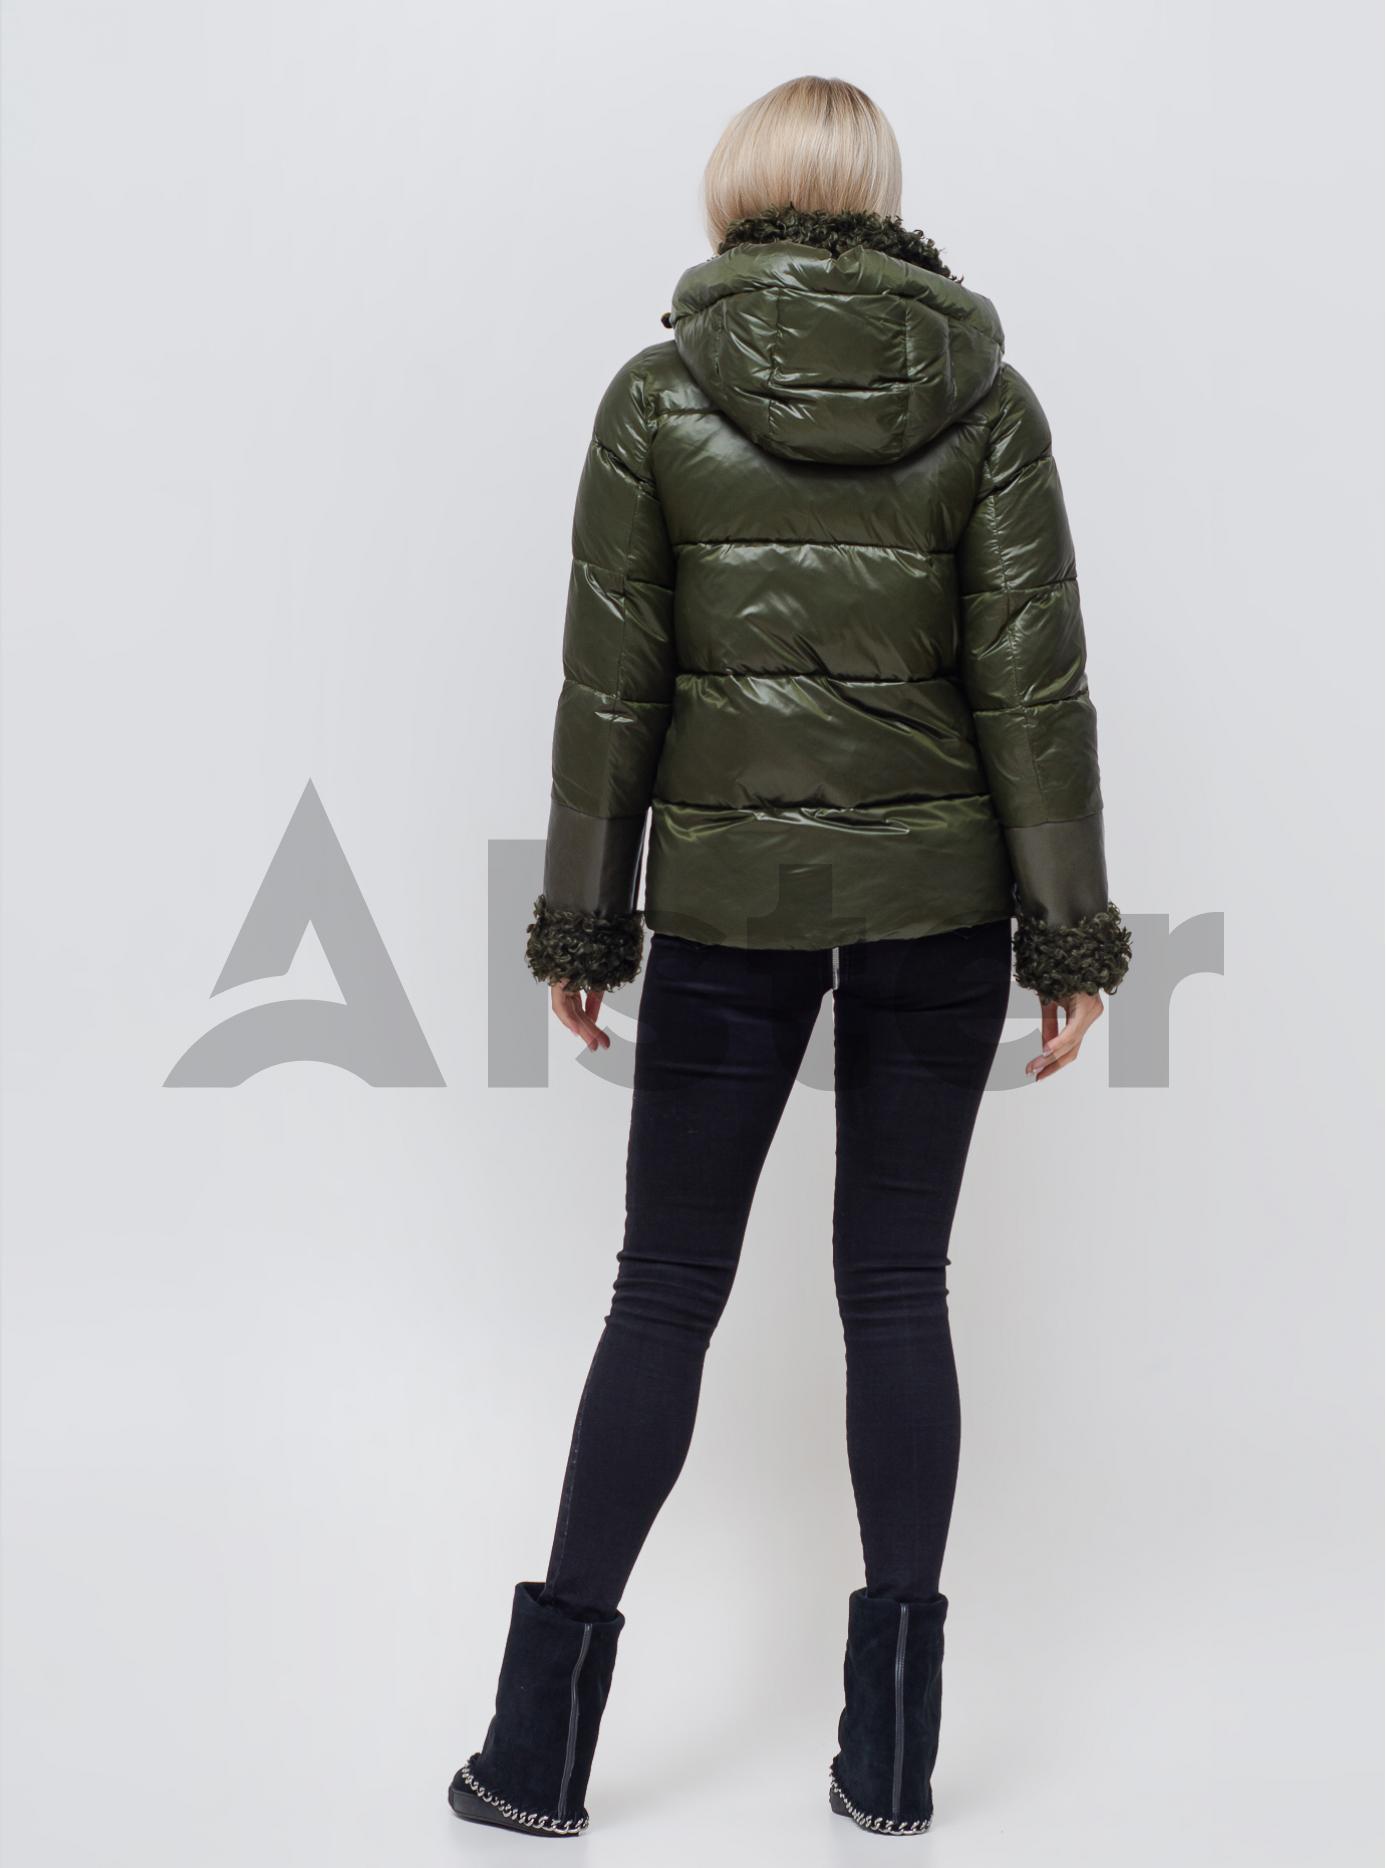 Куртка зимняя короткая со съемным капюшоном Хаки 46 (06-KL201034): фото - Alster.ua